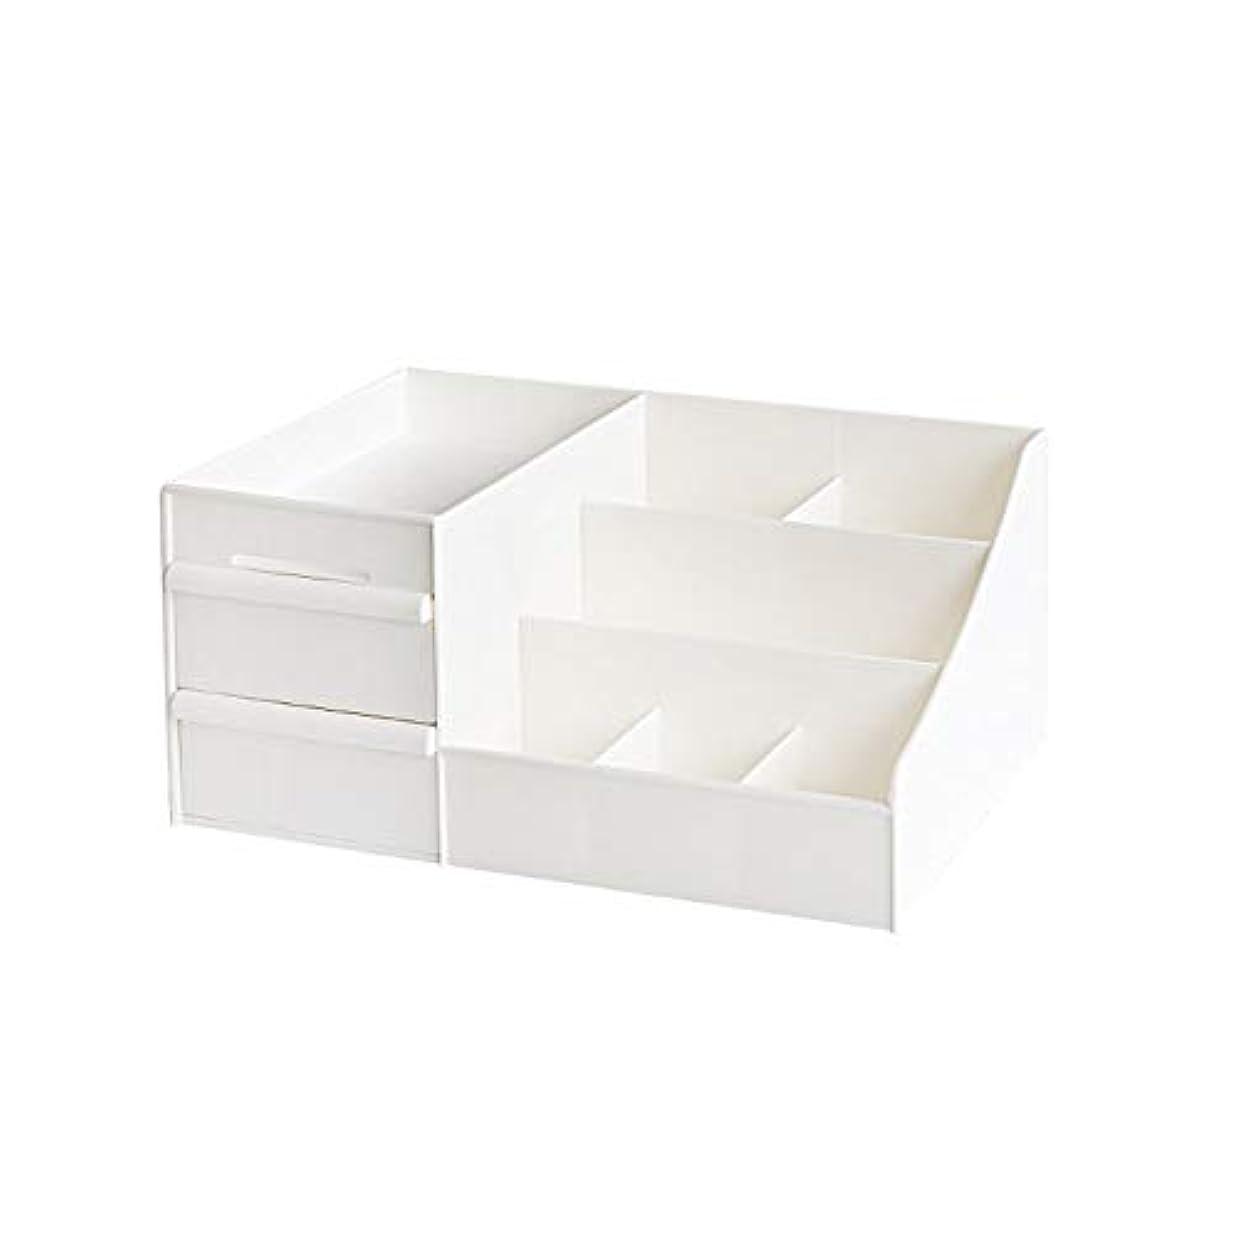 ステッチ新着驚くばかりBostar 化粧品収納ボックス メイクボックス コスメケース 引き出し 小物入れ 収納ケース 整理簡単 レディース 北欧 おしゃれ ホワイト